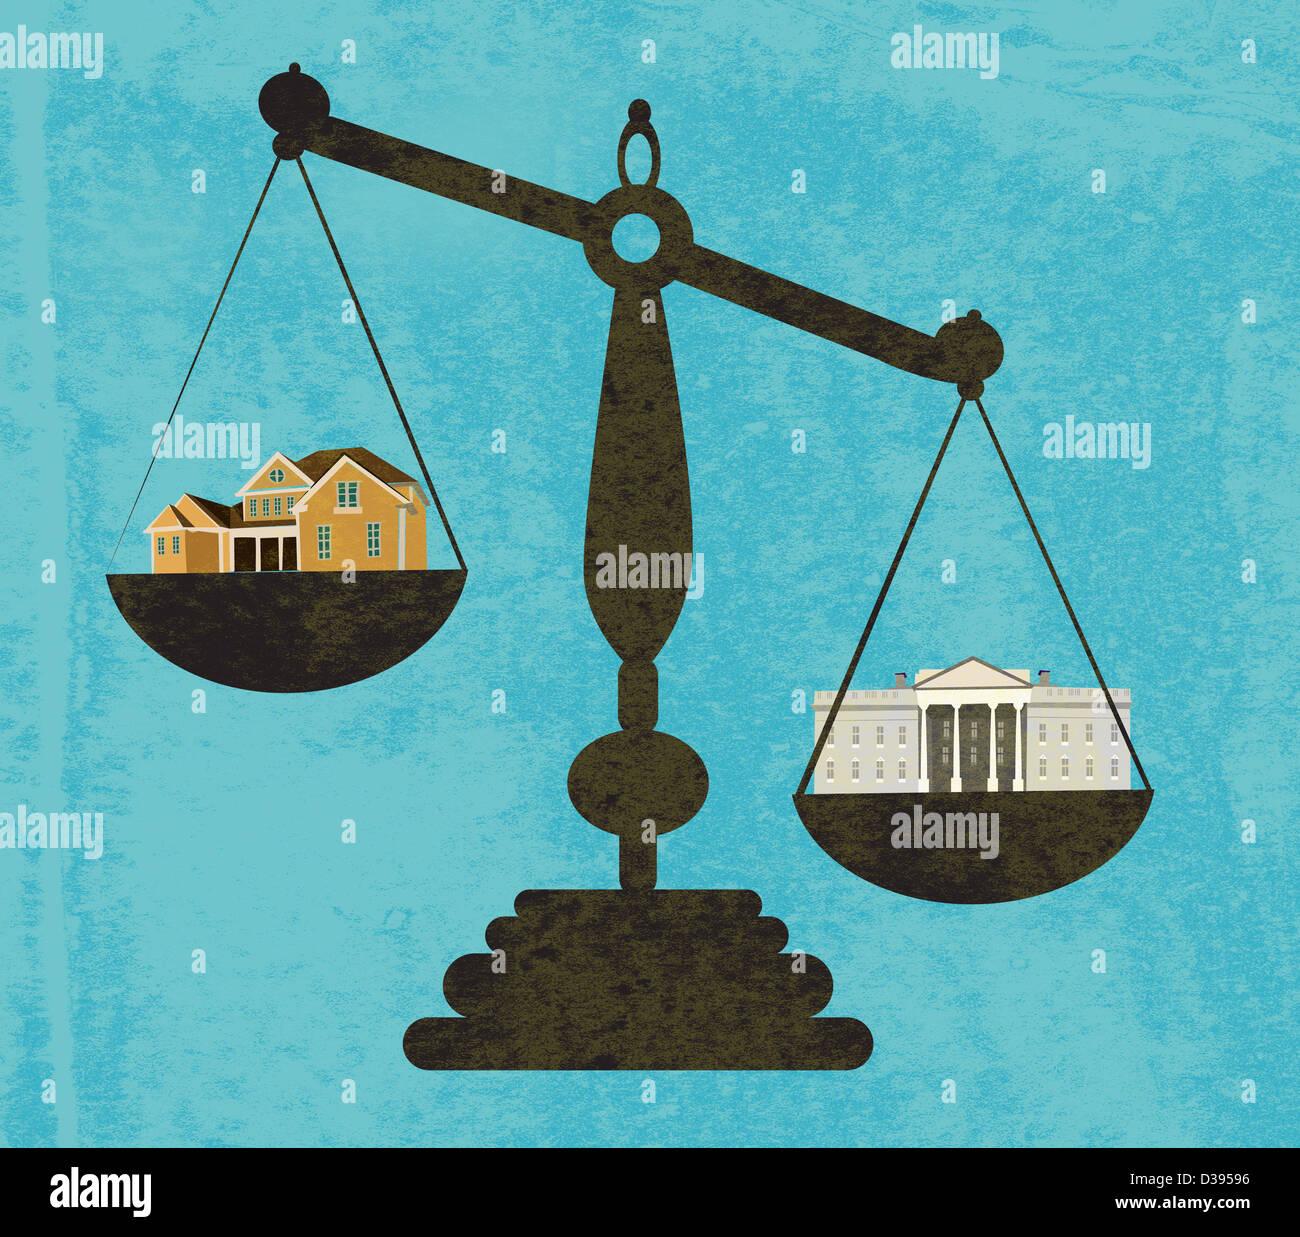 Ilustración de banco y casa en báscula. Imagen De Stock